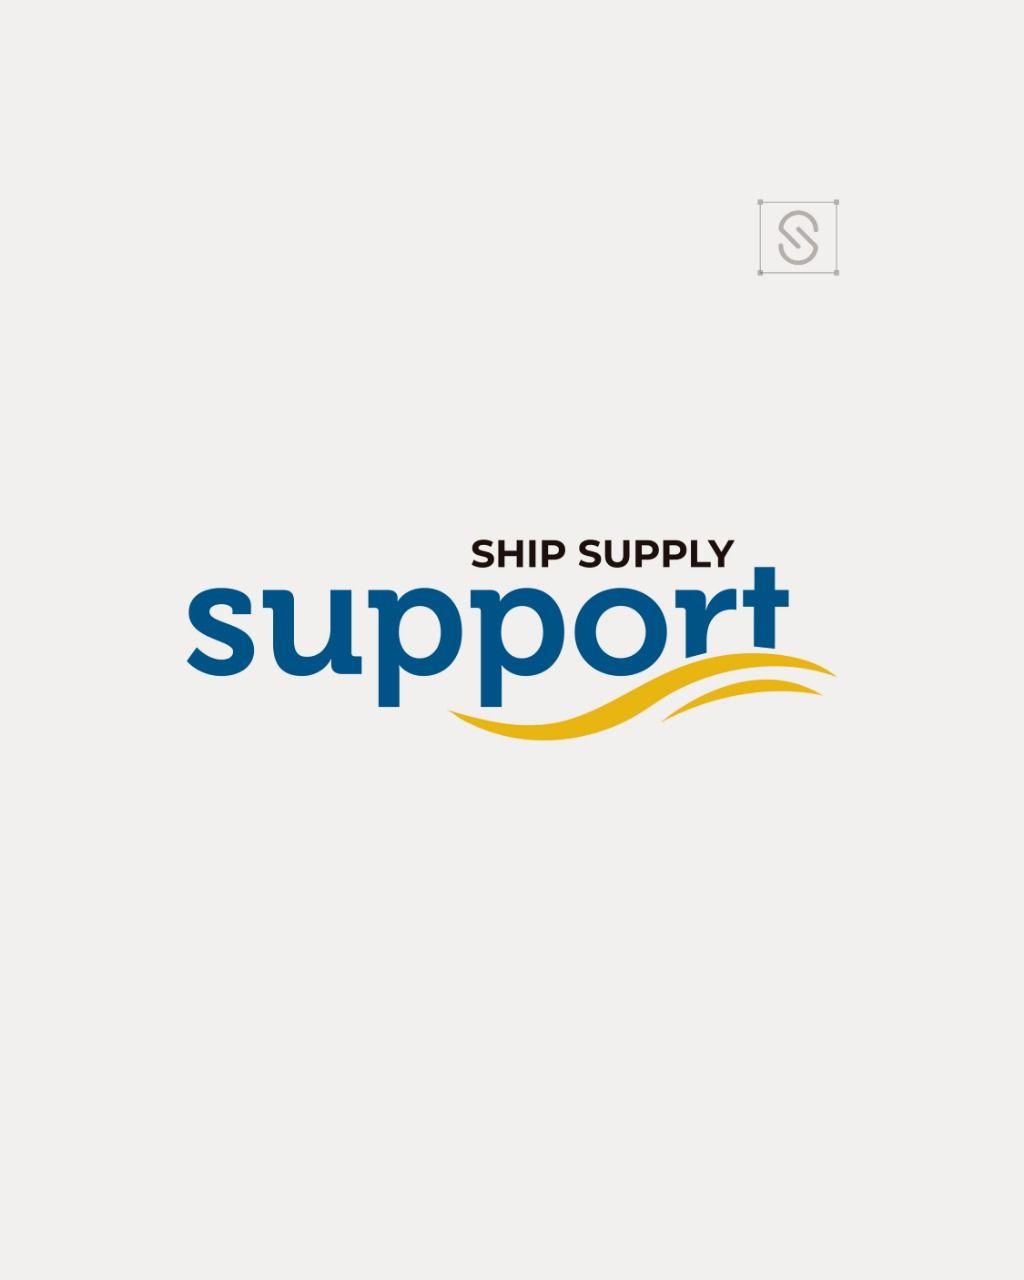 Logotipo sério logotipo ship logo serio logo ship logo